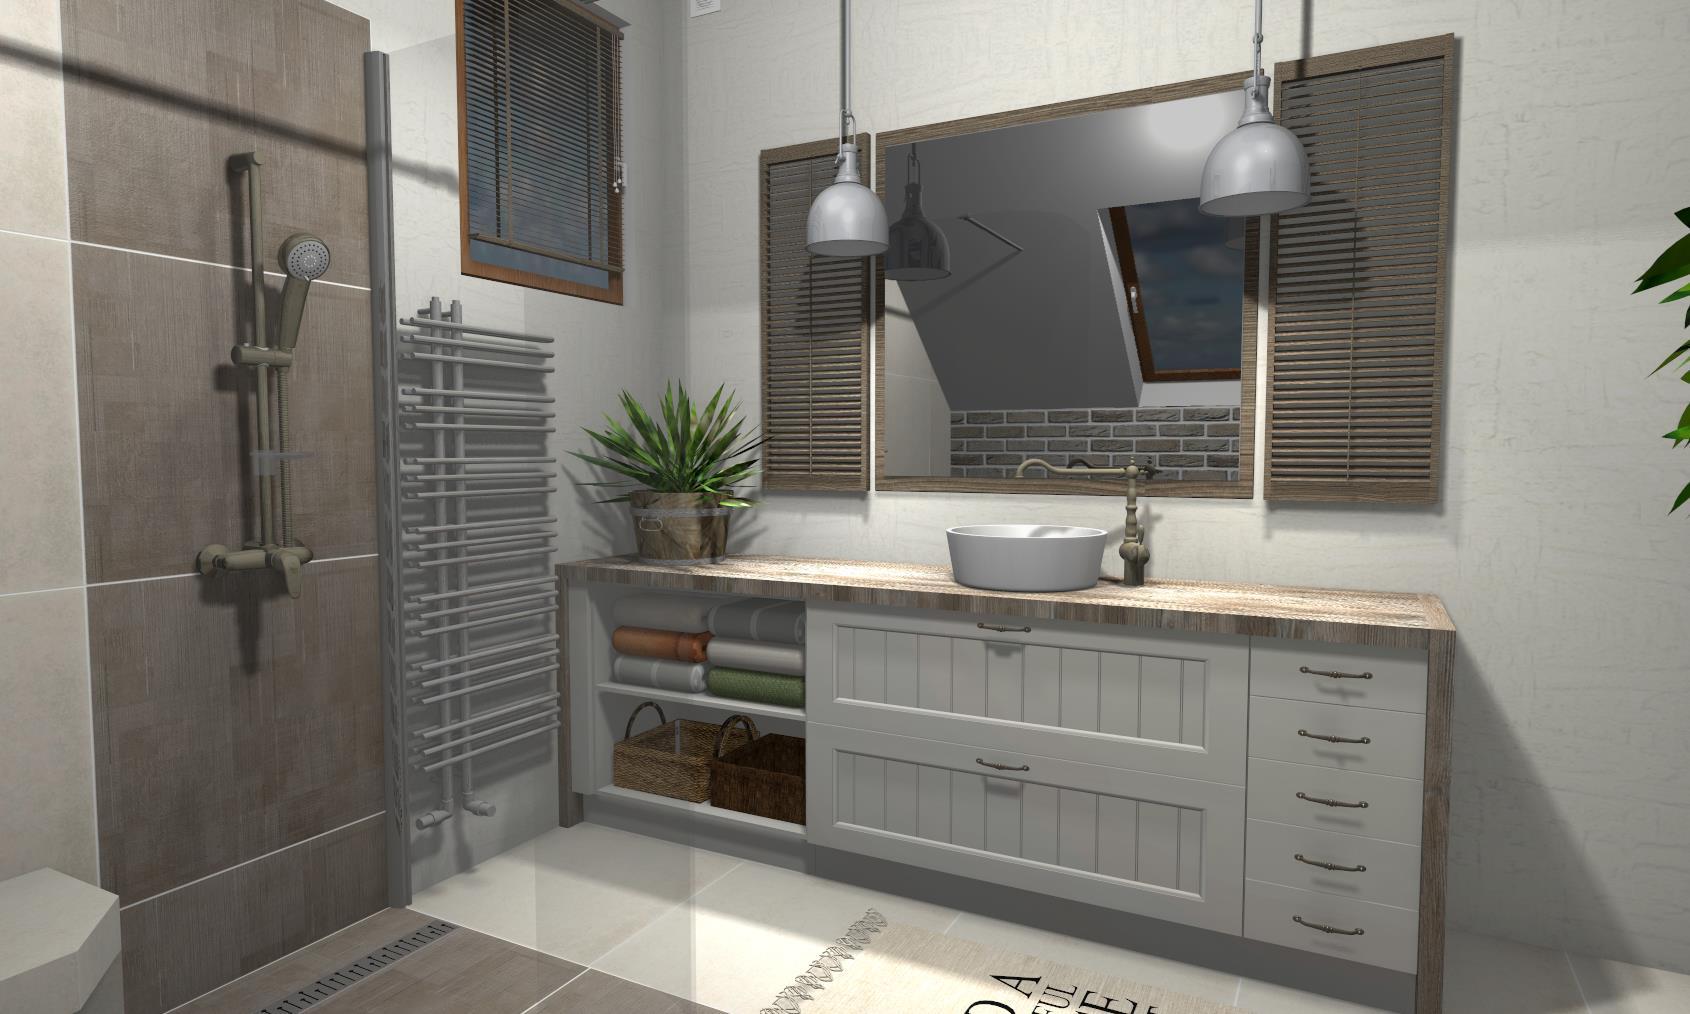 łazienka Rustykalna Niebieska Komoda Projektowanie Wnętrz